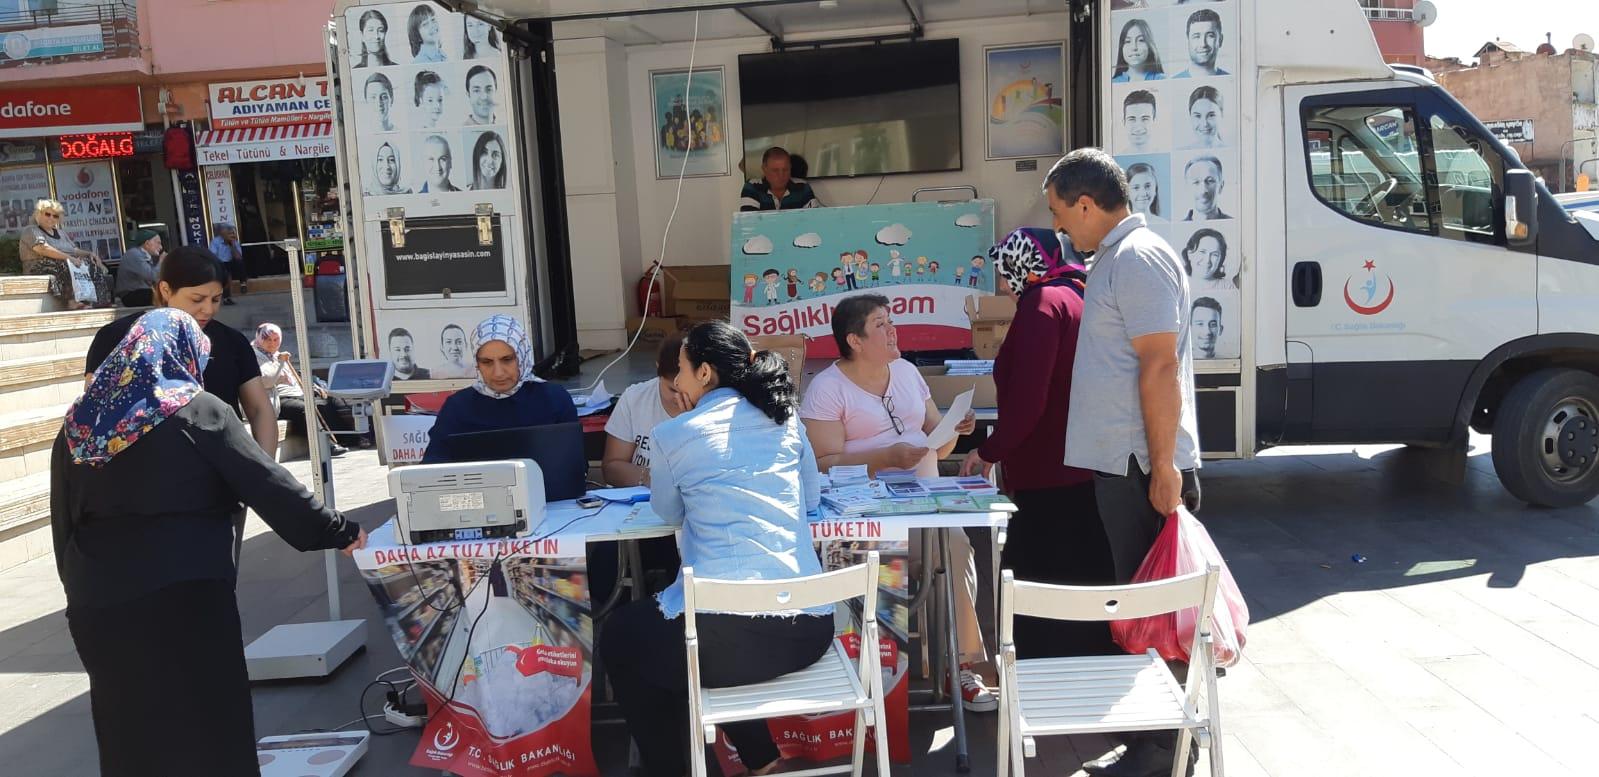 Ulubey'de Halk Sağlığı Haftasında Stant Açıldı